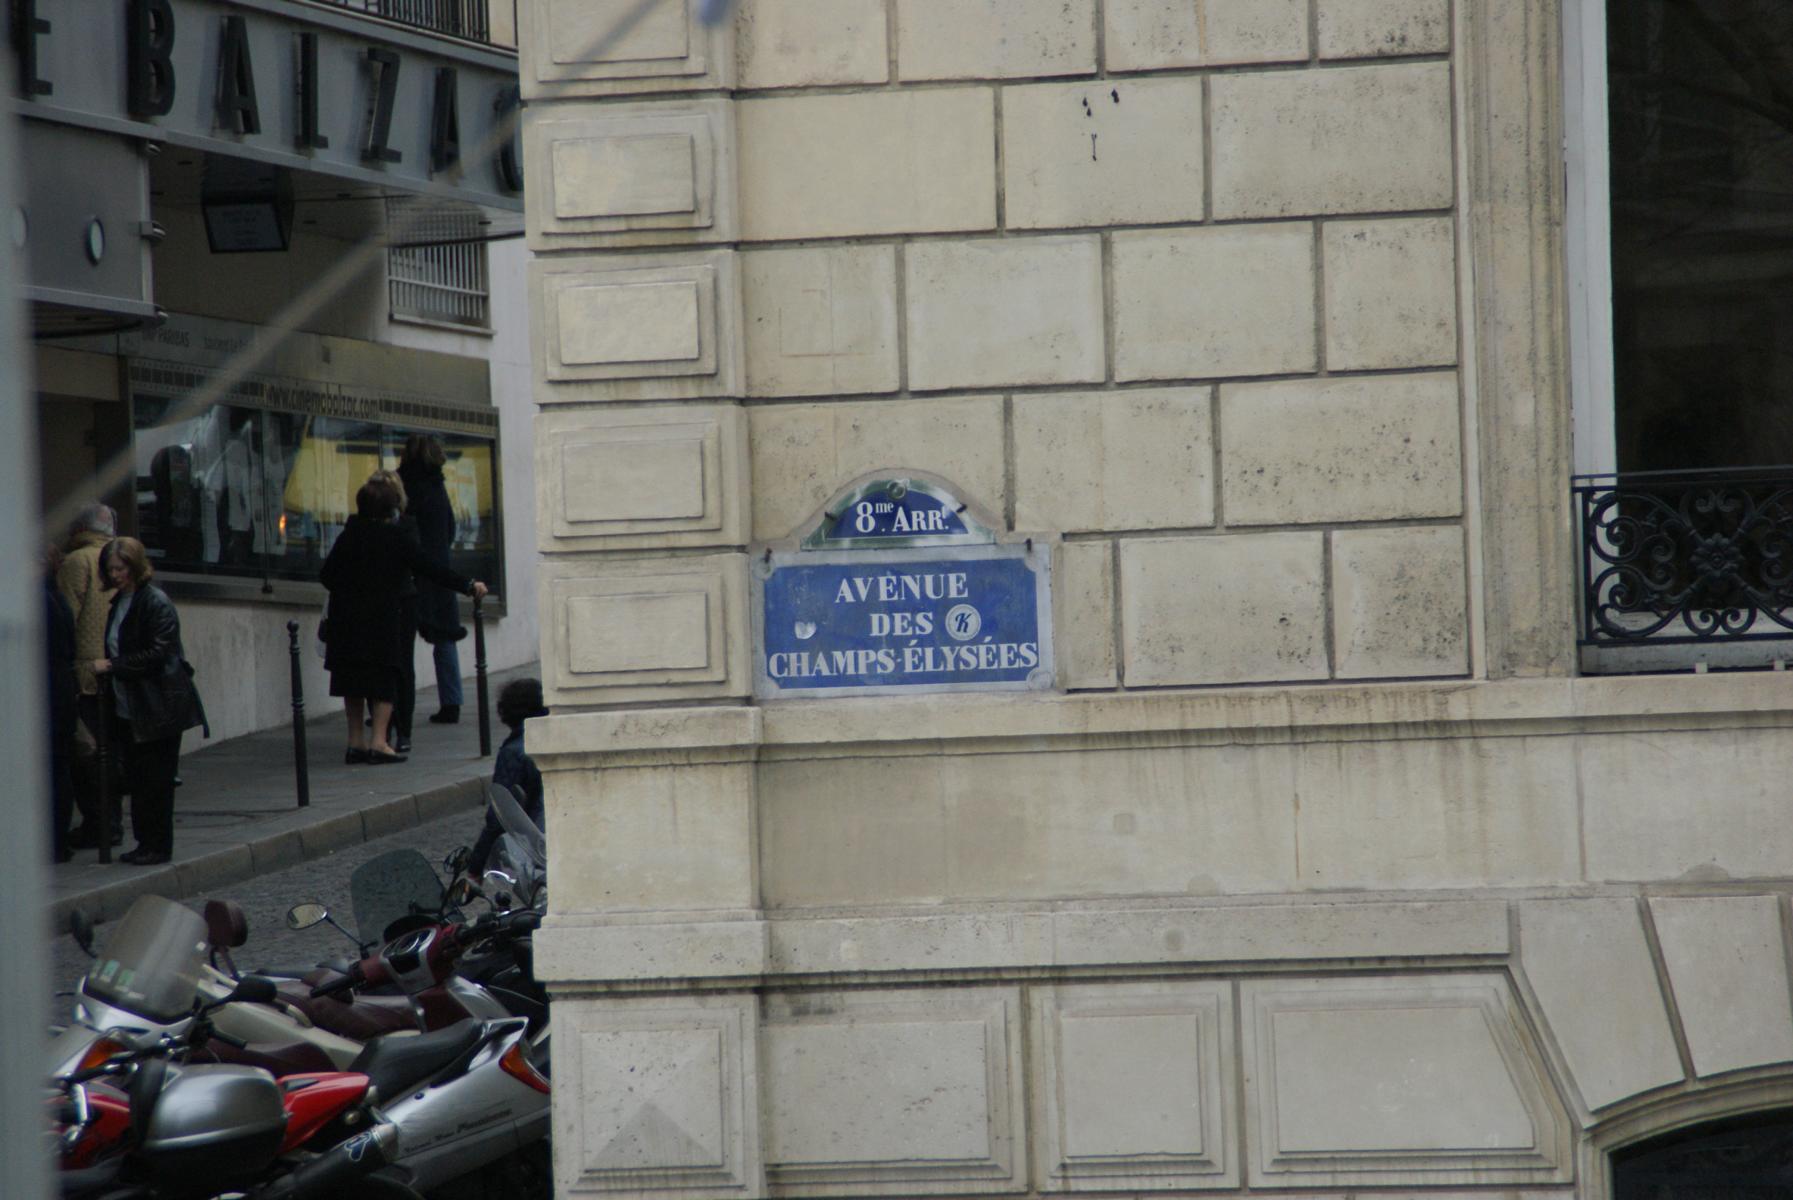 Avenue des champs élyssées Paris